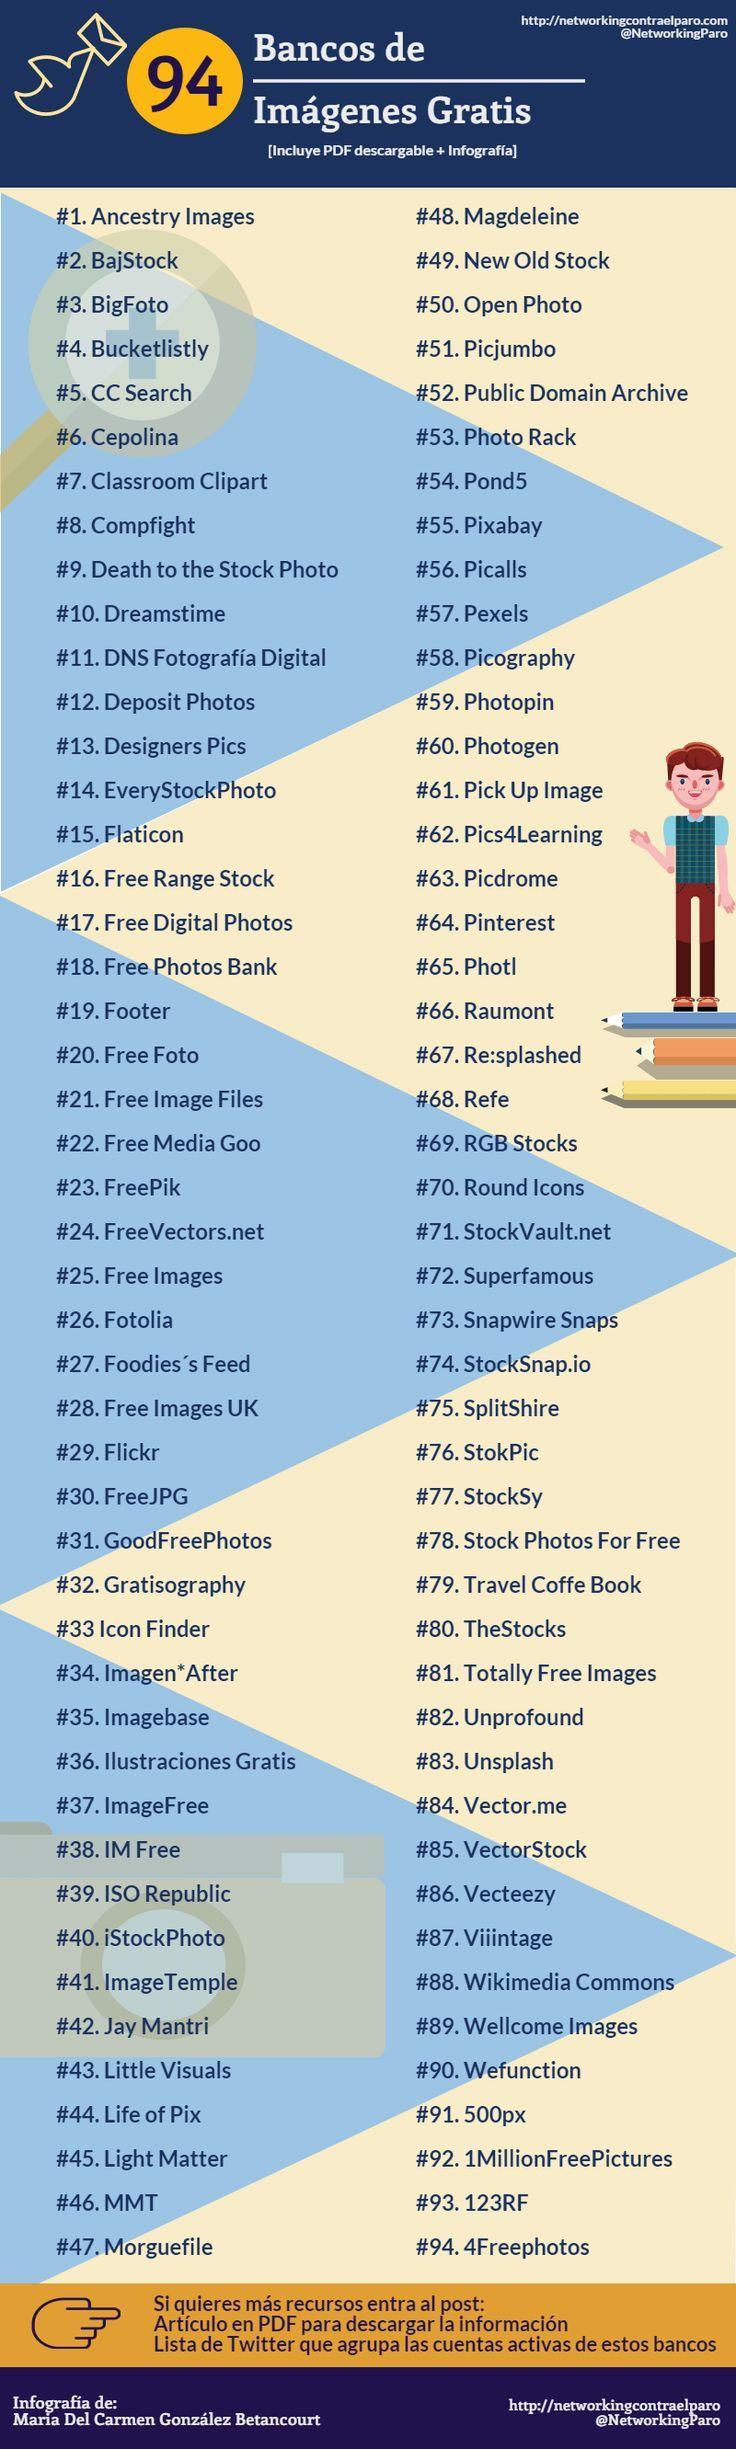 94 Bancos de Imágenes gratis #infografia #infographic #design #arteparaempresa #activate #sueña #motivacion #marketing